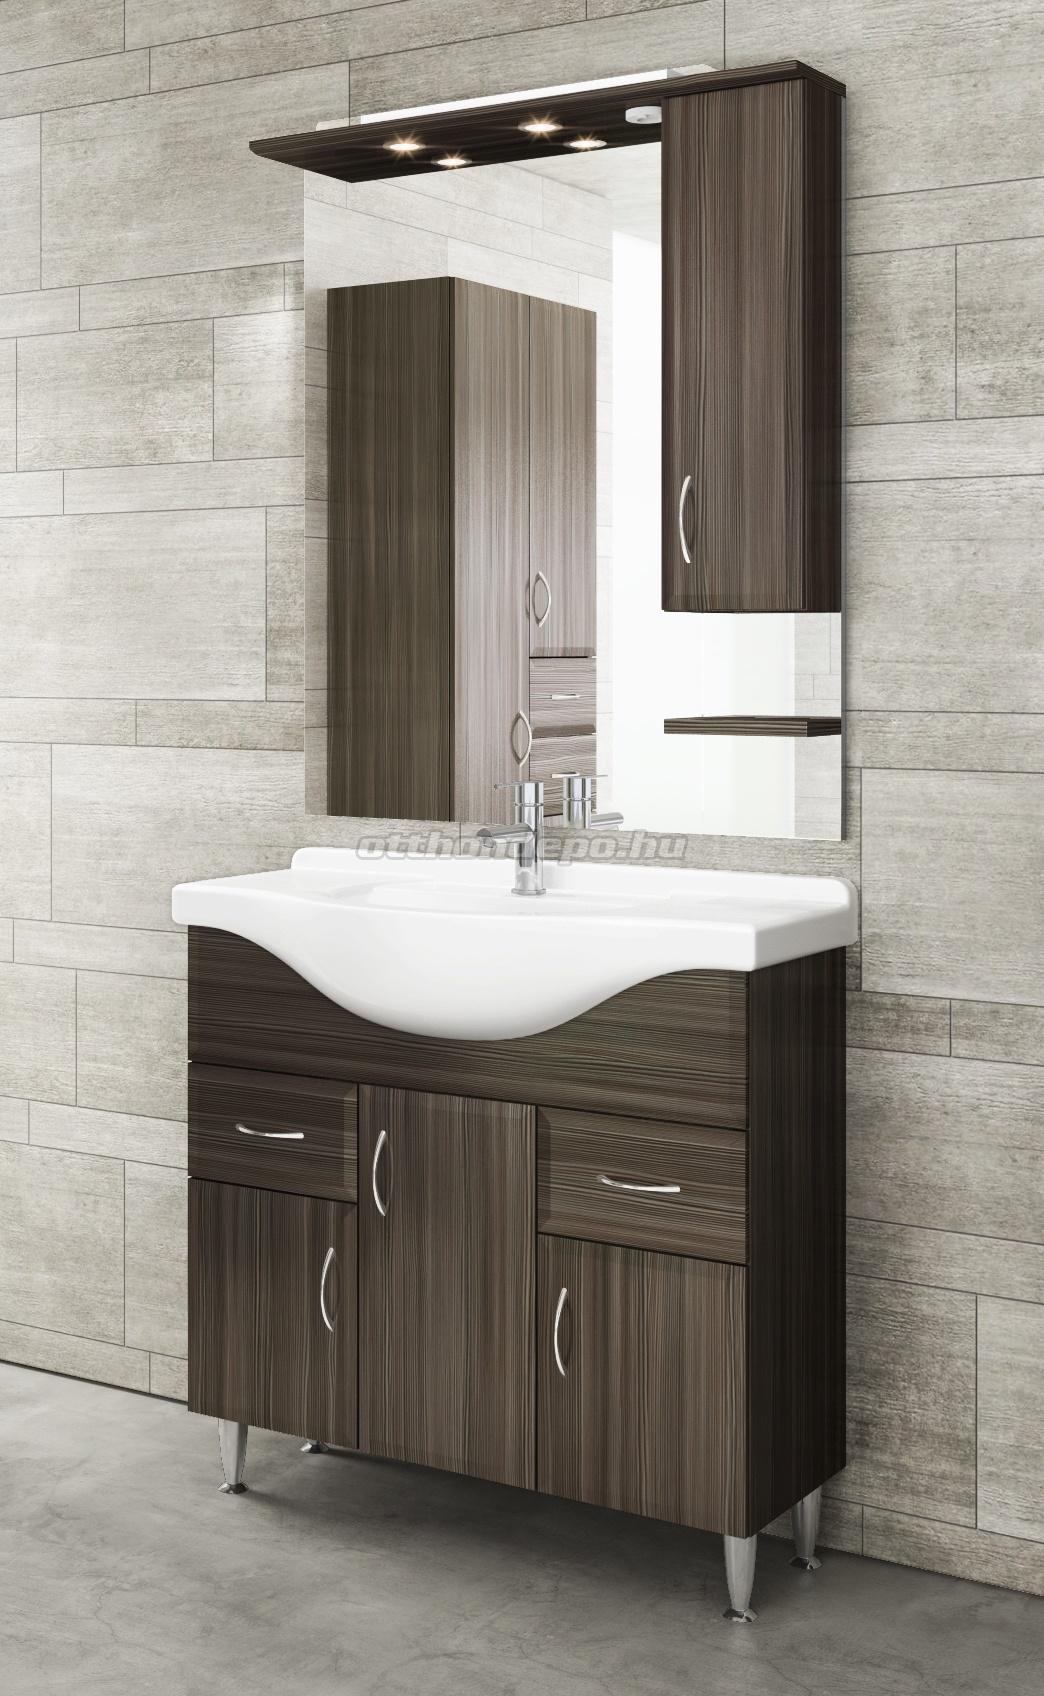 Fürdőszobabútor, tBoss, Bianka 85 - Otthon Depo Webáruház